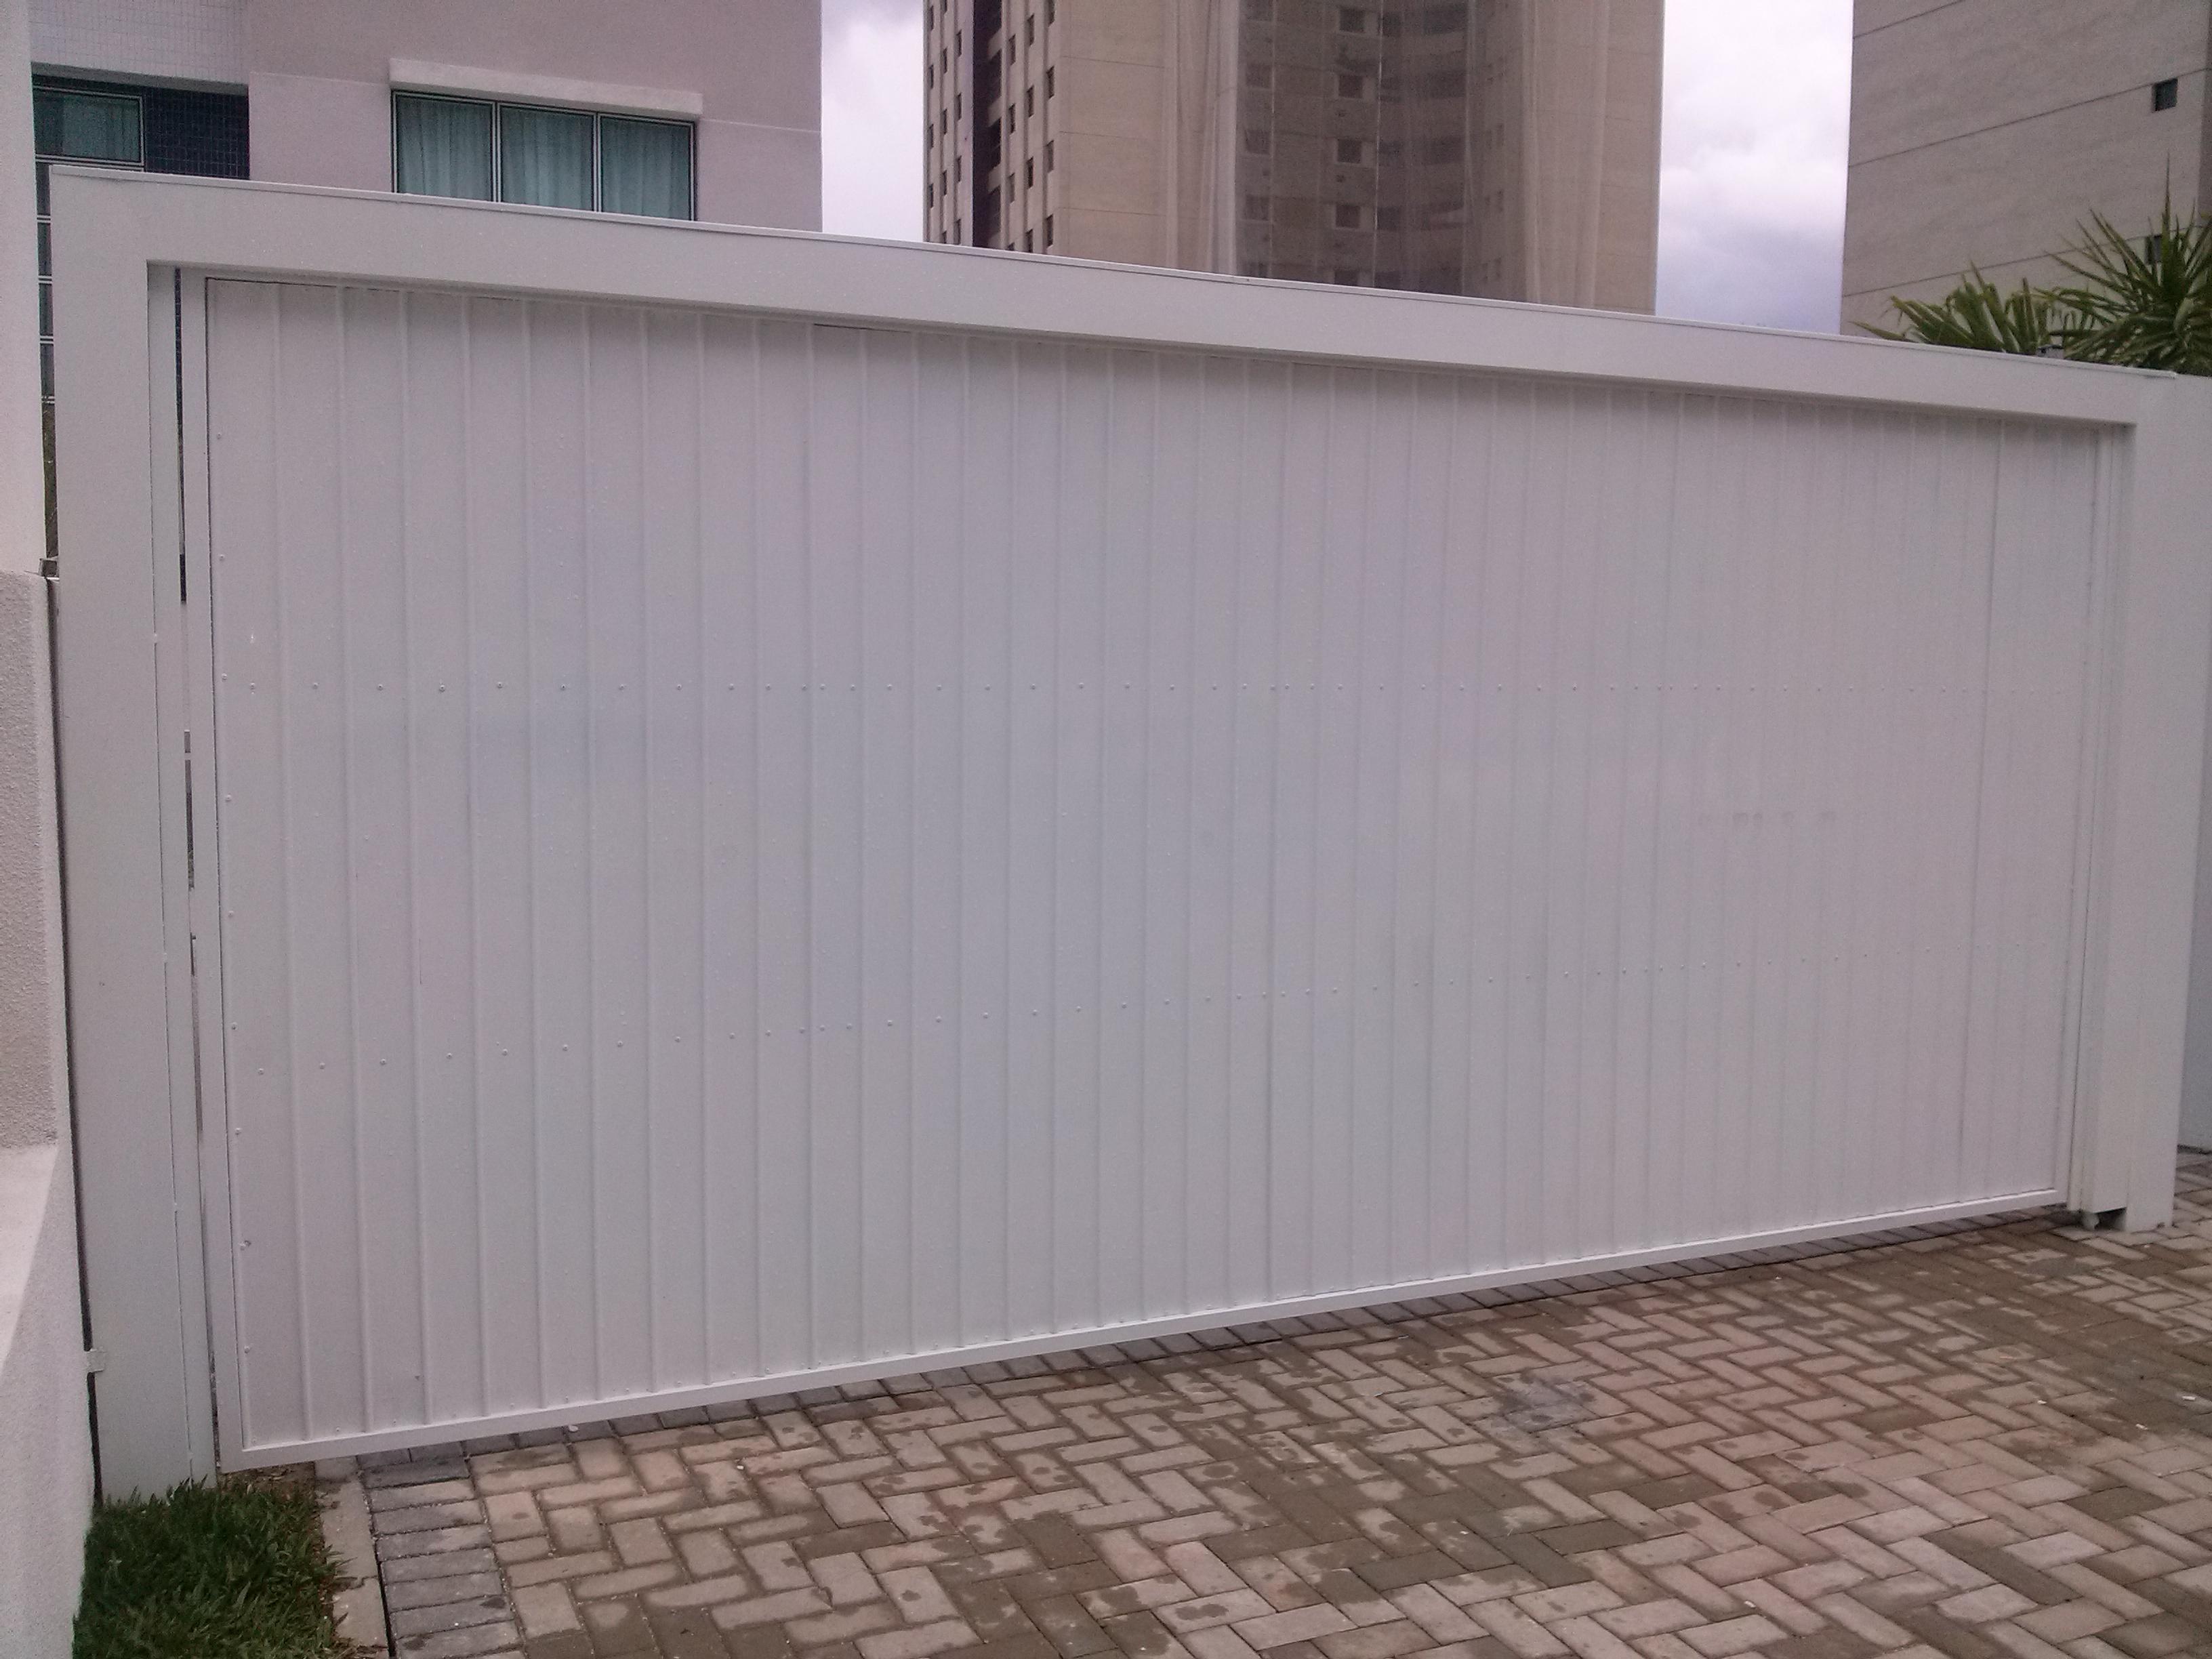 #715477 Vidraçaria em Curitiba Vidraçaria Sobrinho 528 Janelas Em Aluminio Curitiba Preço